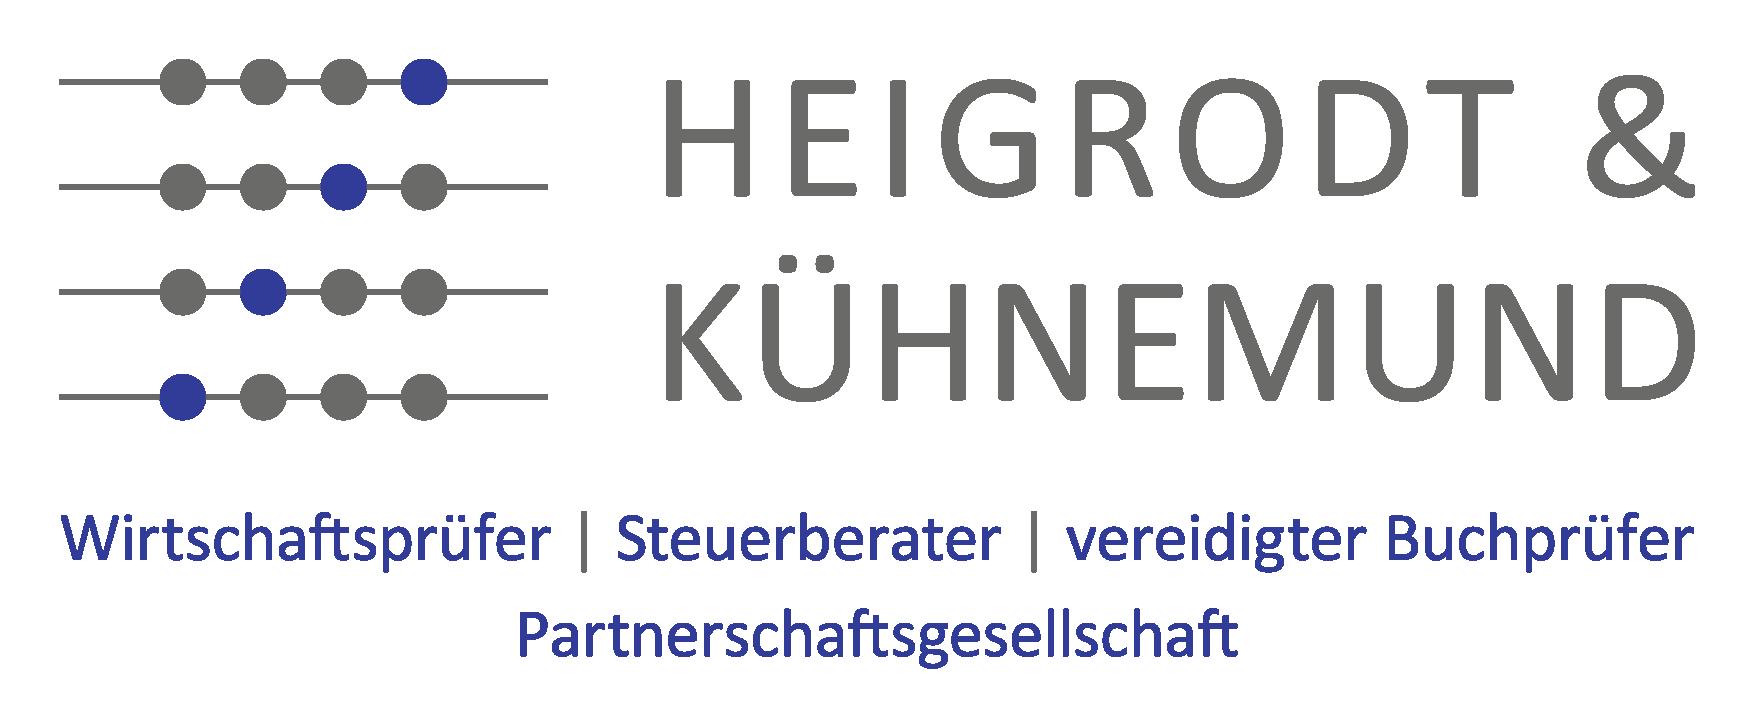 HEIGRODT & KÜHNEMUND